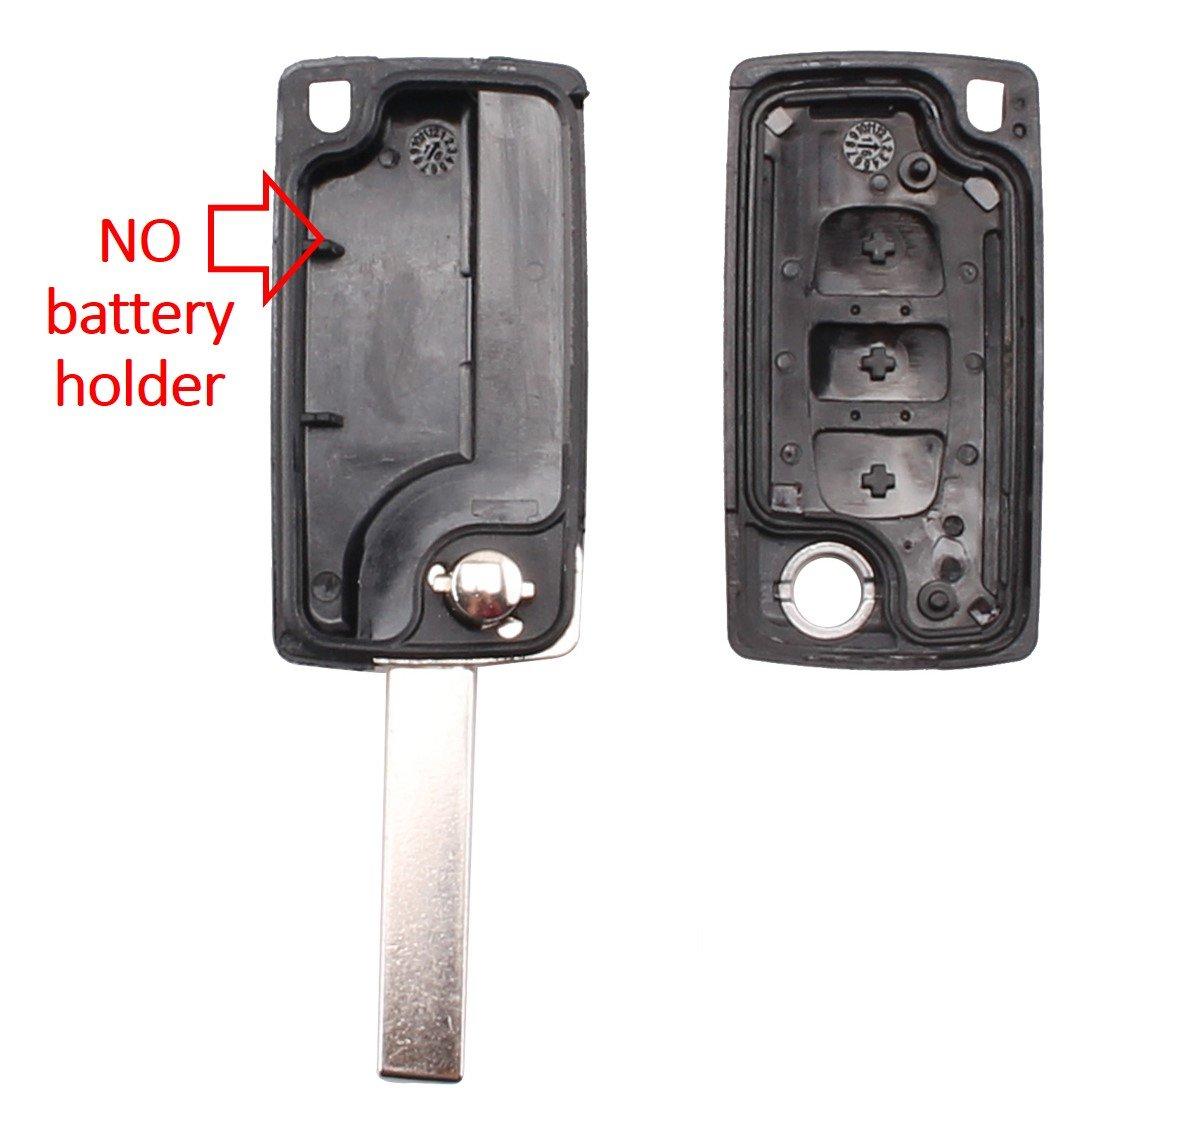 Keyfobworld sostituzione caso di vibrazione portachiavi 3 tasti di coperture chiave a distanza per Citroen C4 C5 C6 C8 a distanza